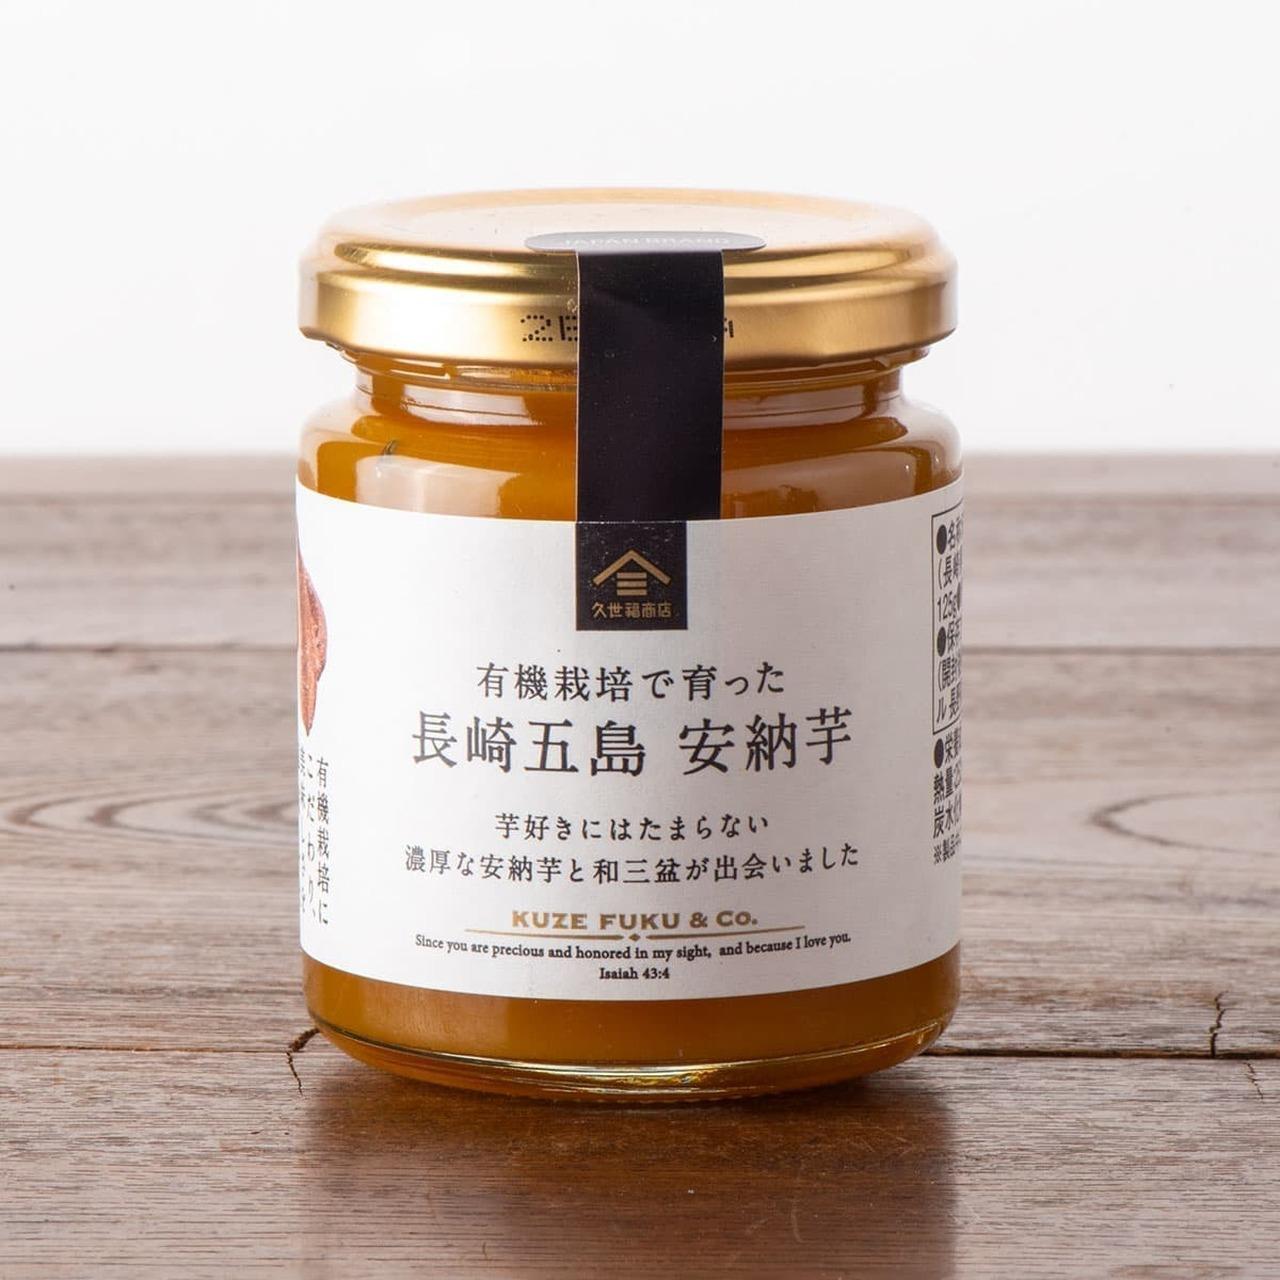 久世福商店「有機栽培で育った 長崎五島安納芋」